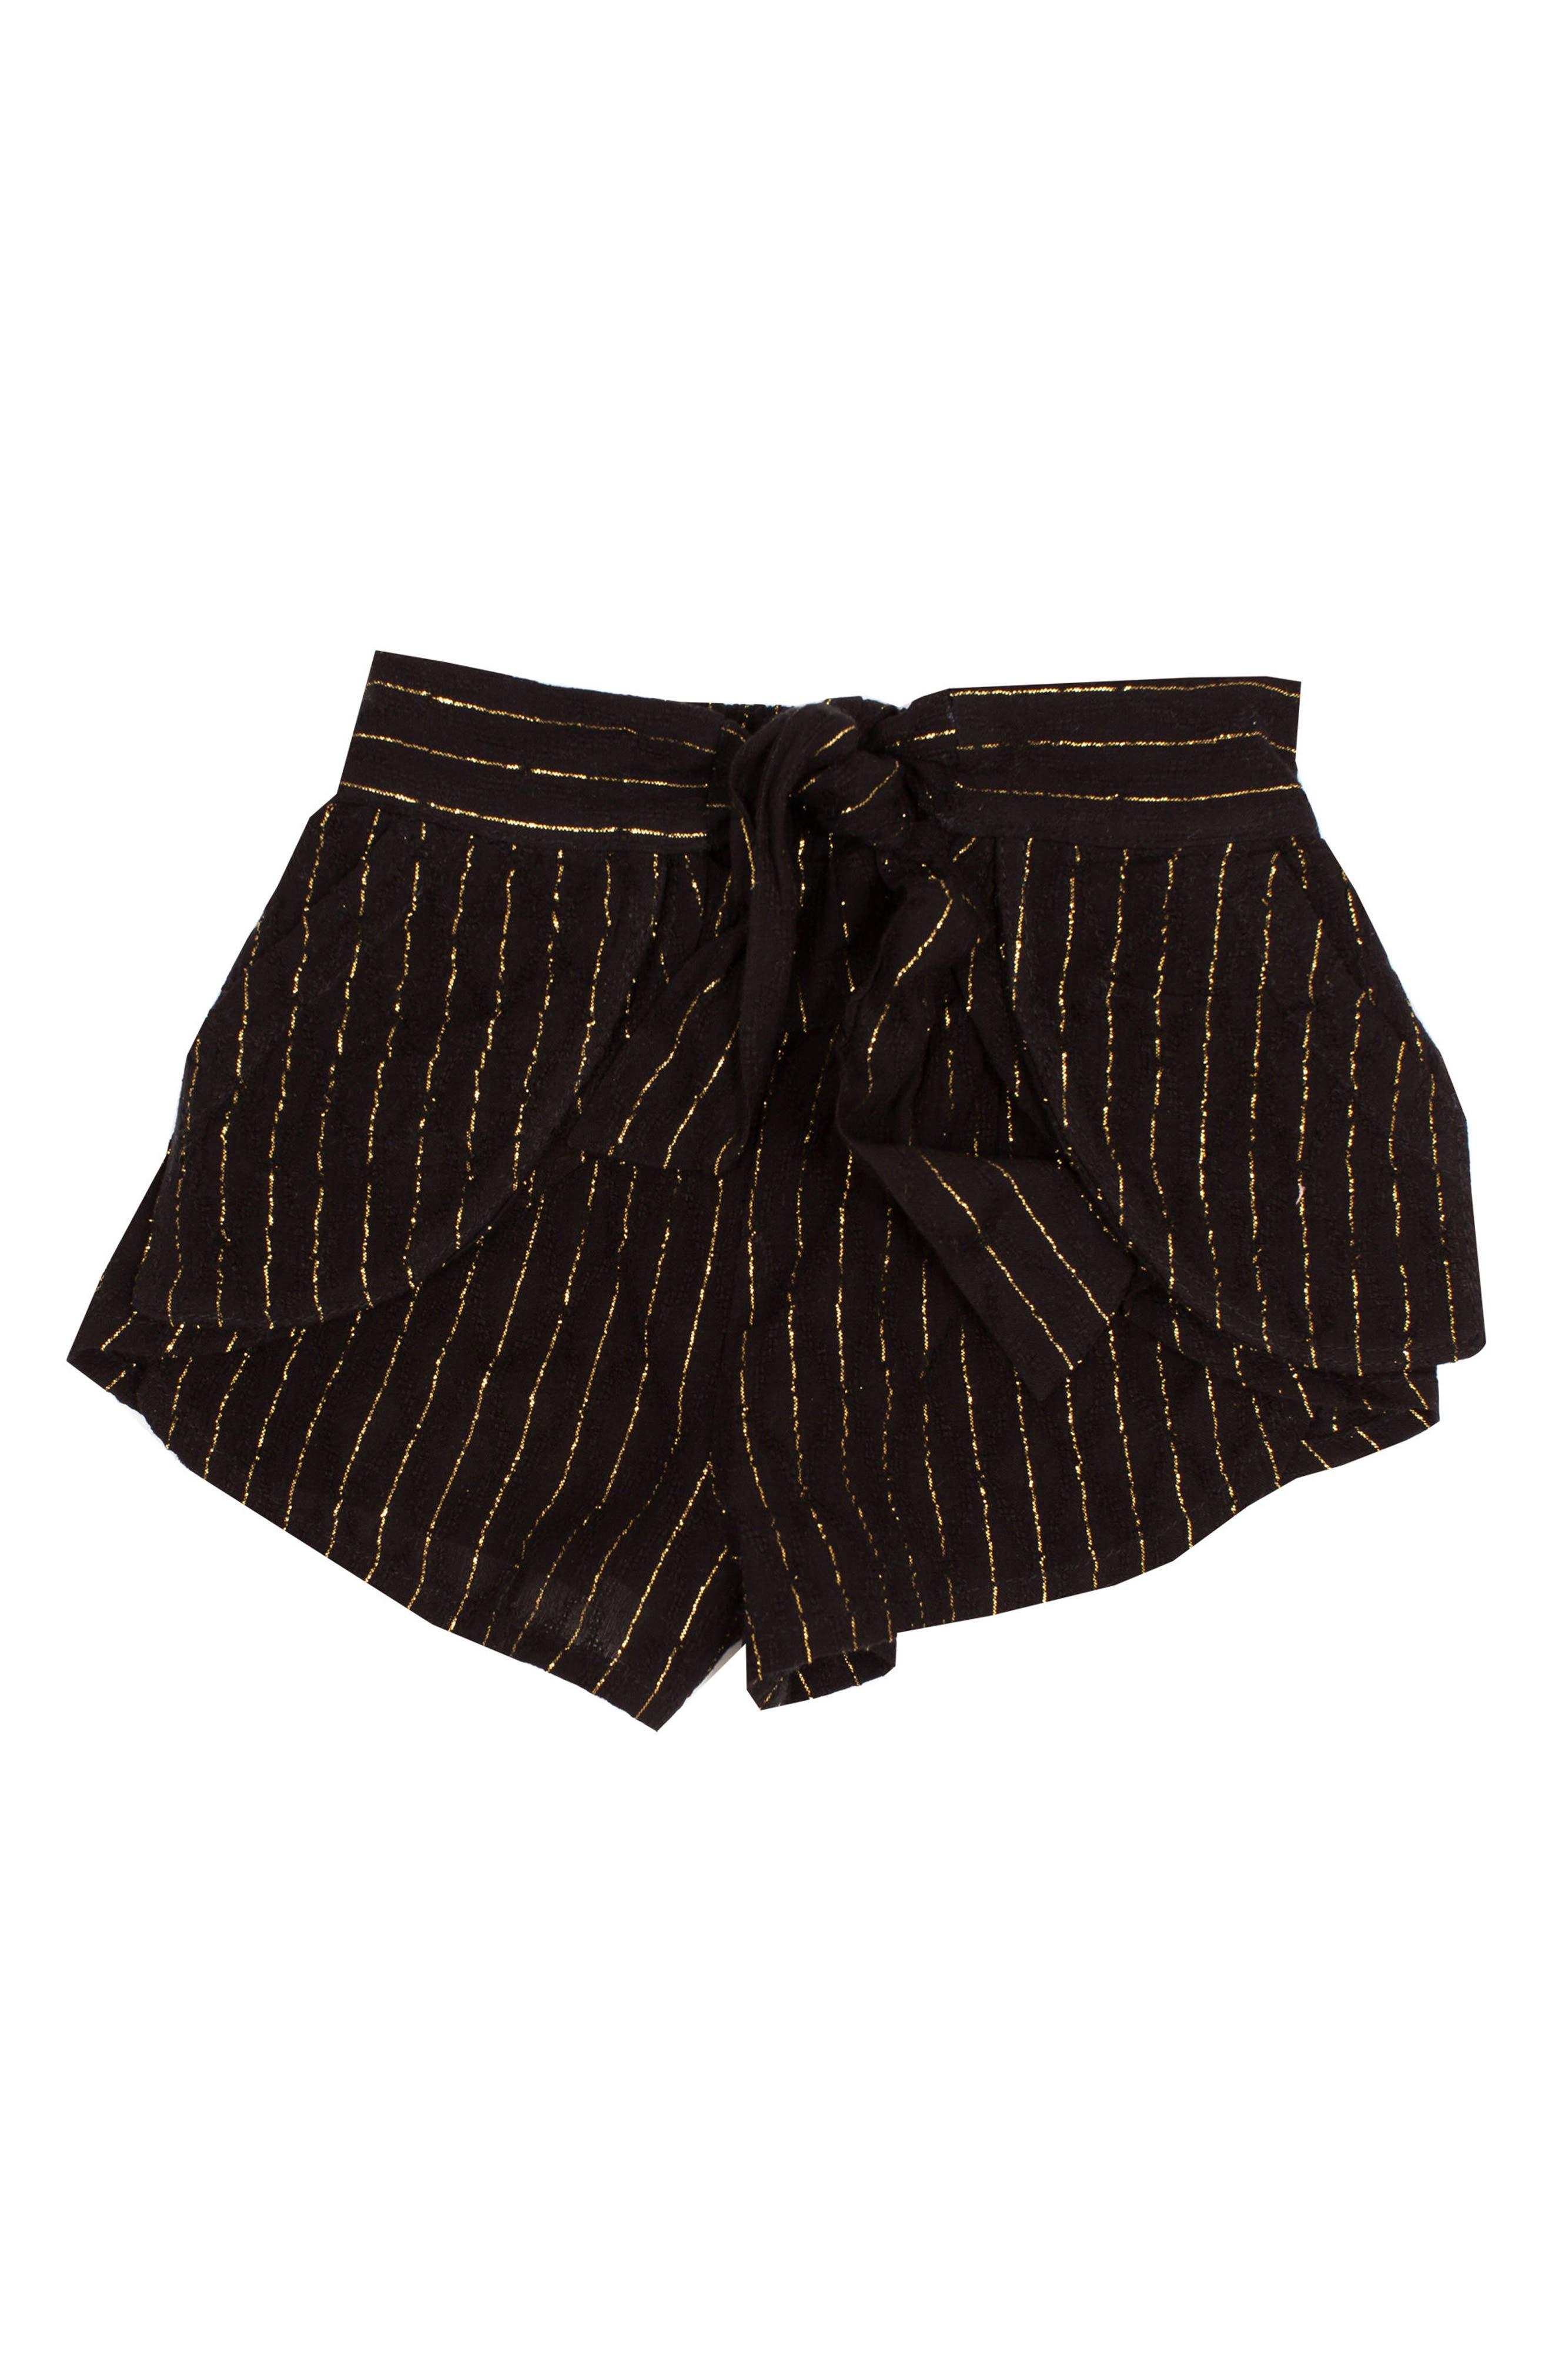 BOWIE X JAMES Eclipse Metallic Stripe Shorts, Main, color, BLACK